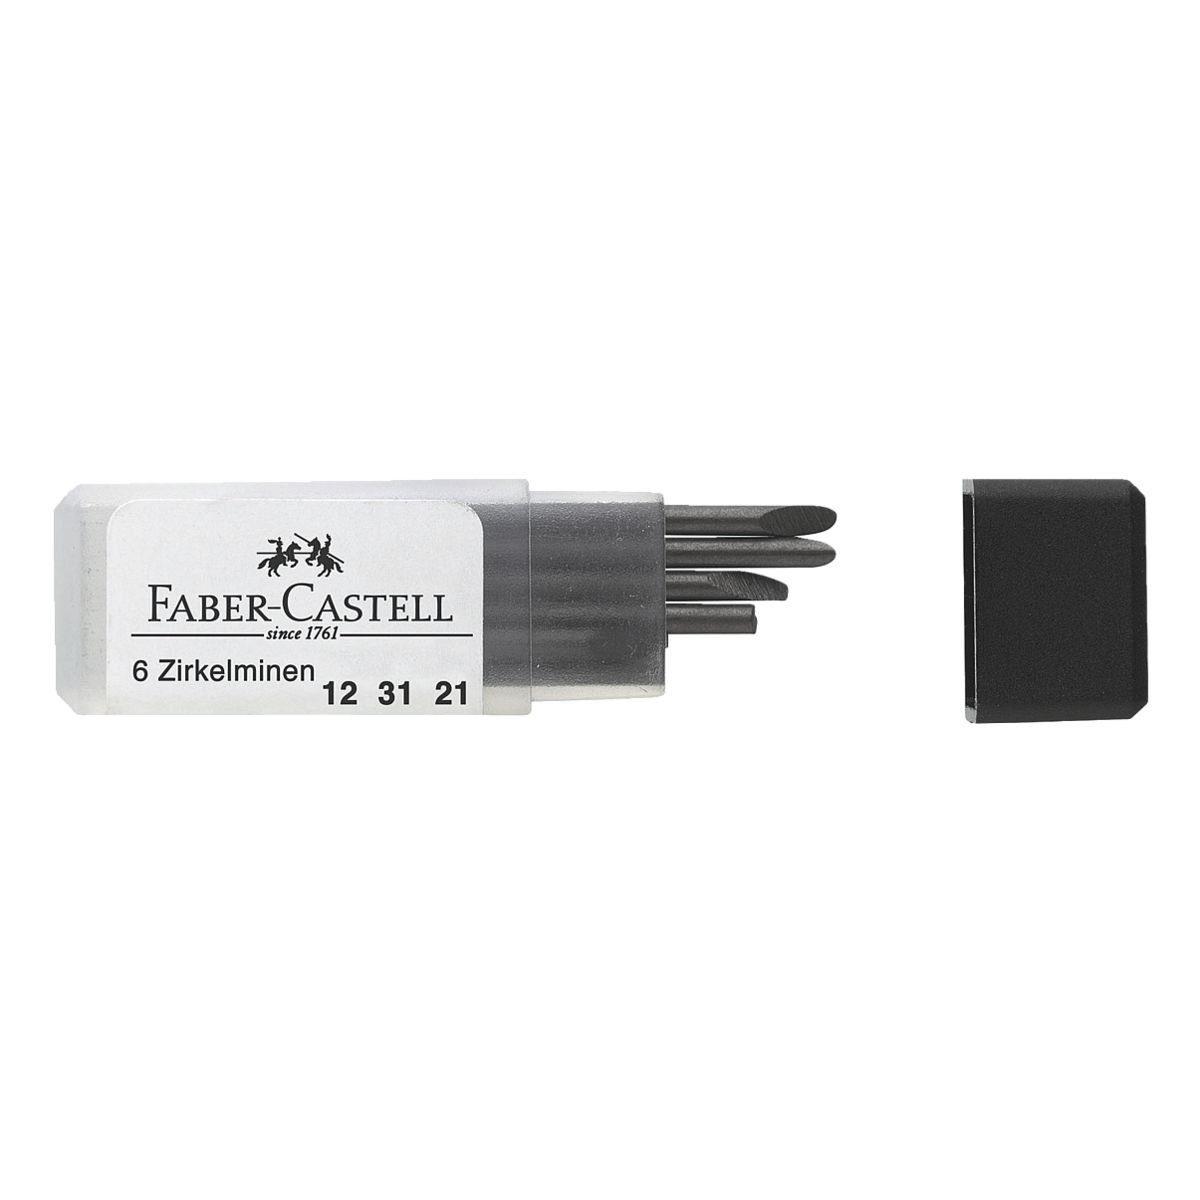 Faber-Castell Zirkelminen